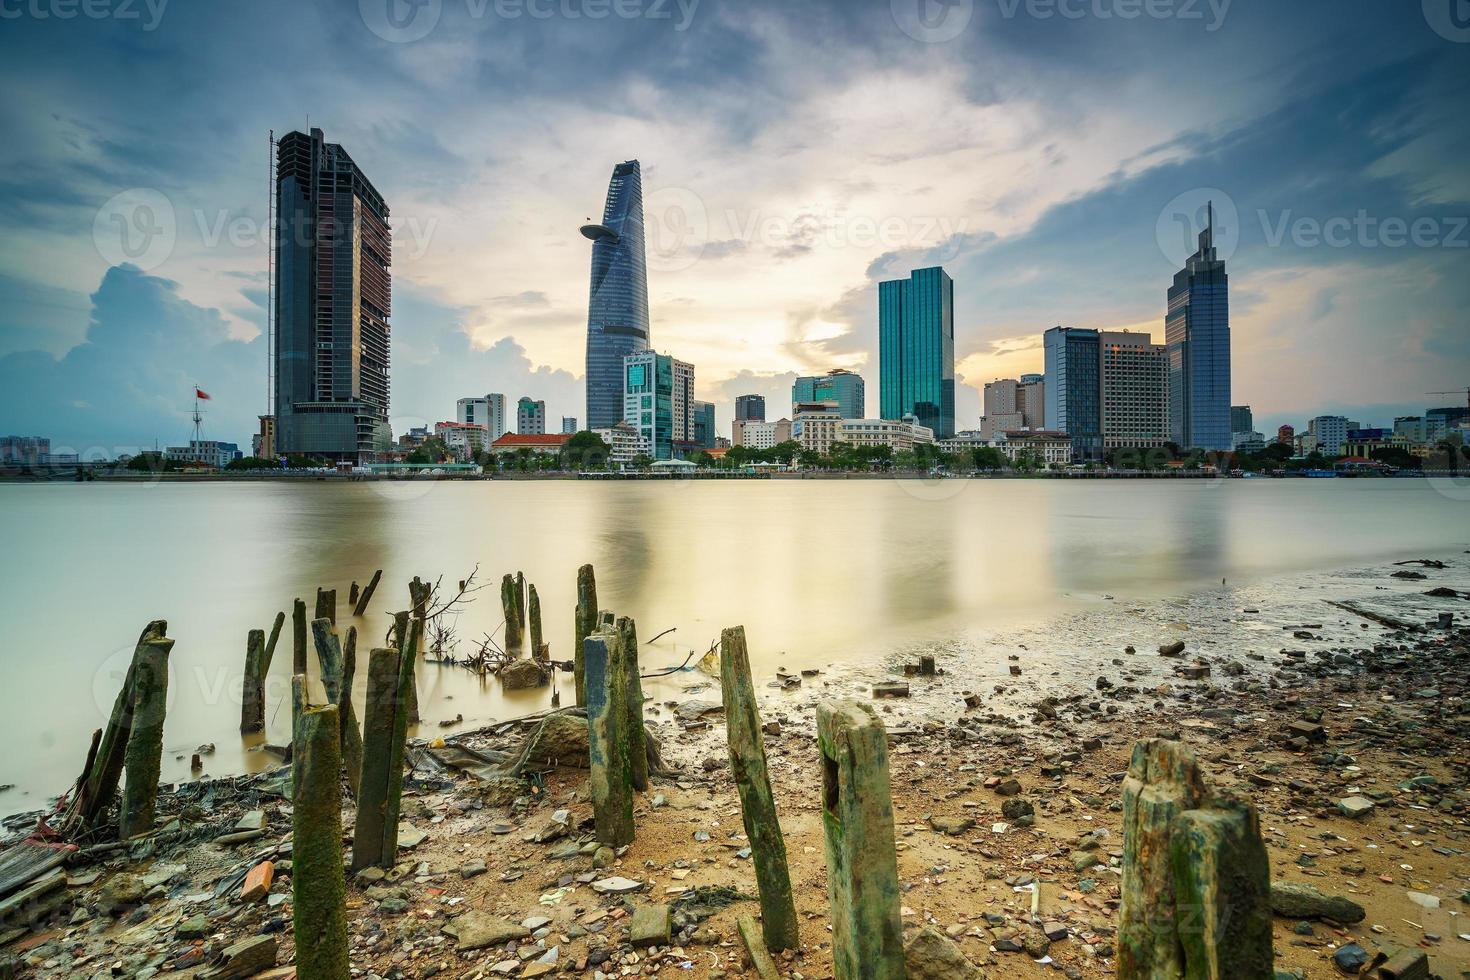 centro da cidade de saigon no pôr do sol (hdr), cidade de ho chi minh, vietnã foto